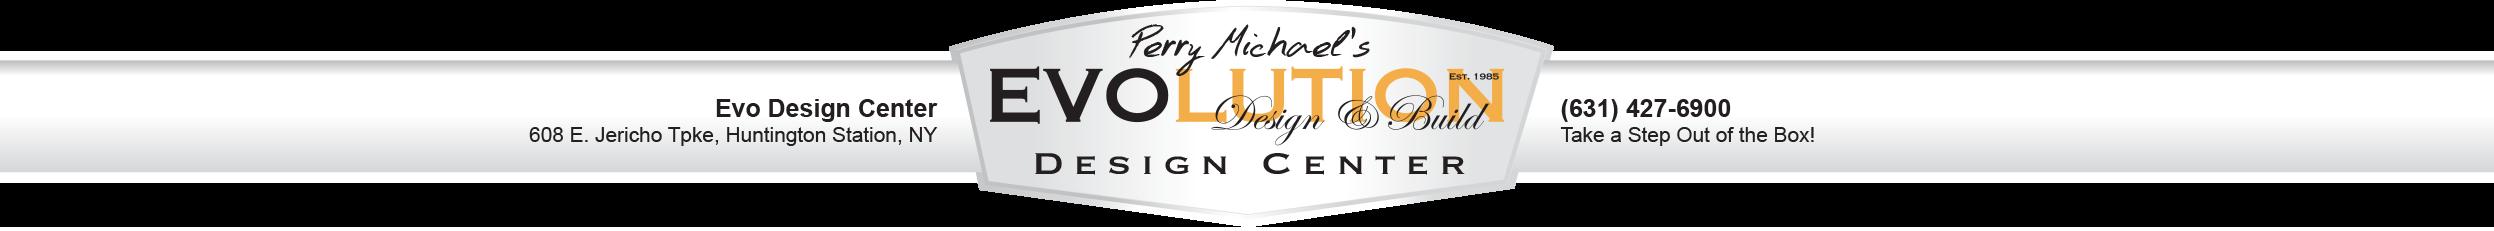 Bathroom Vanities Jericho Turnpike evo design center | kitchen & bath design center